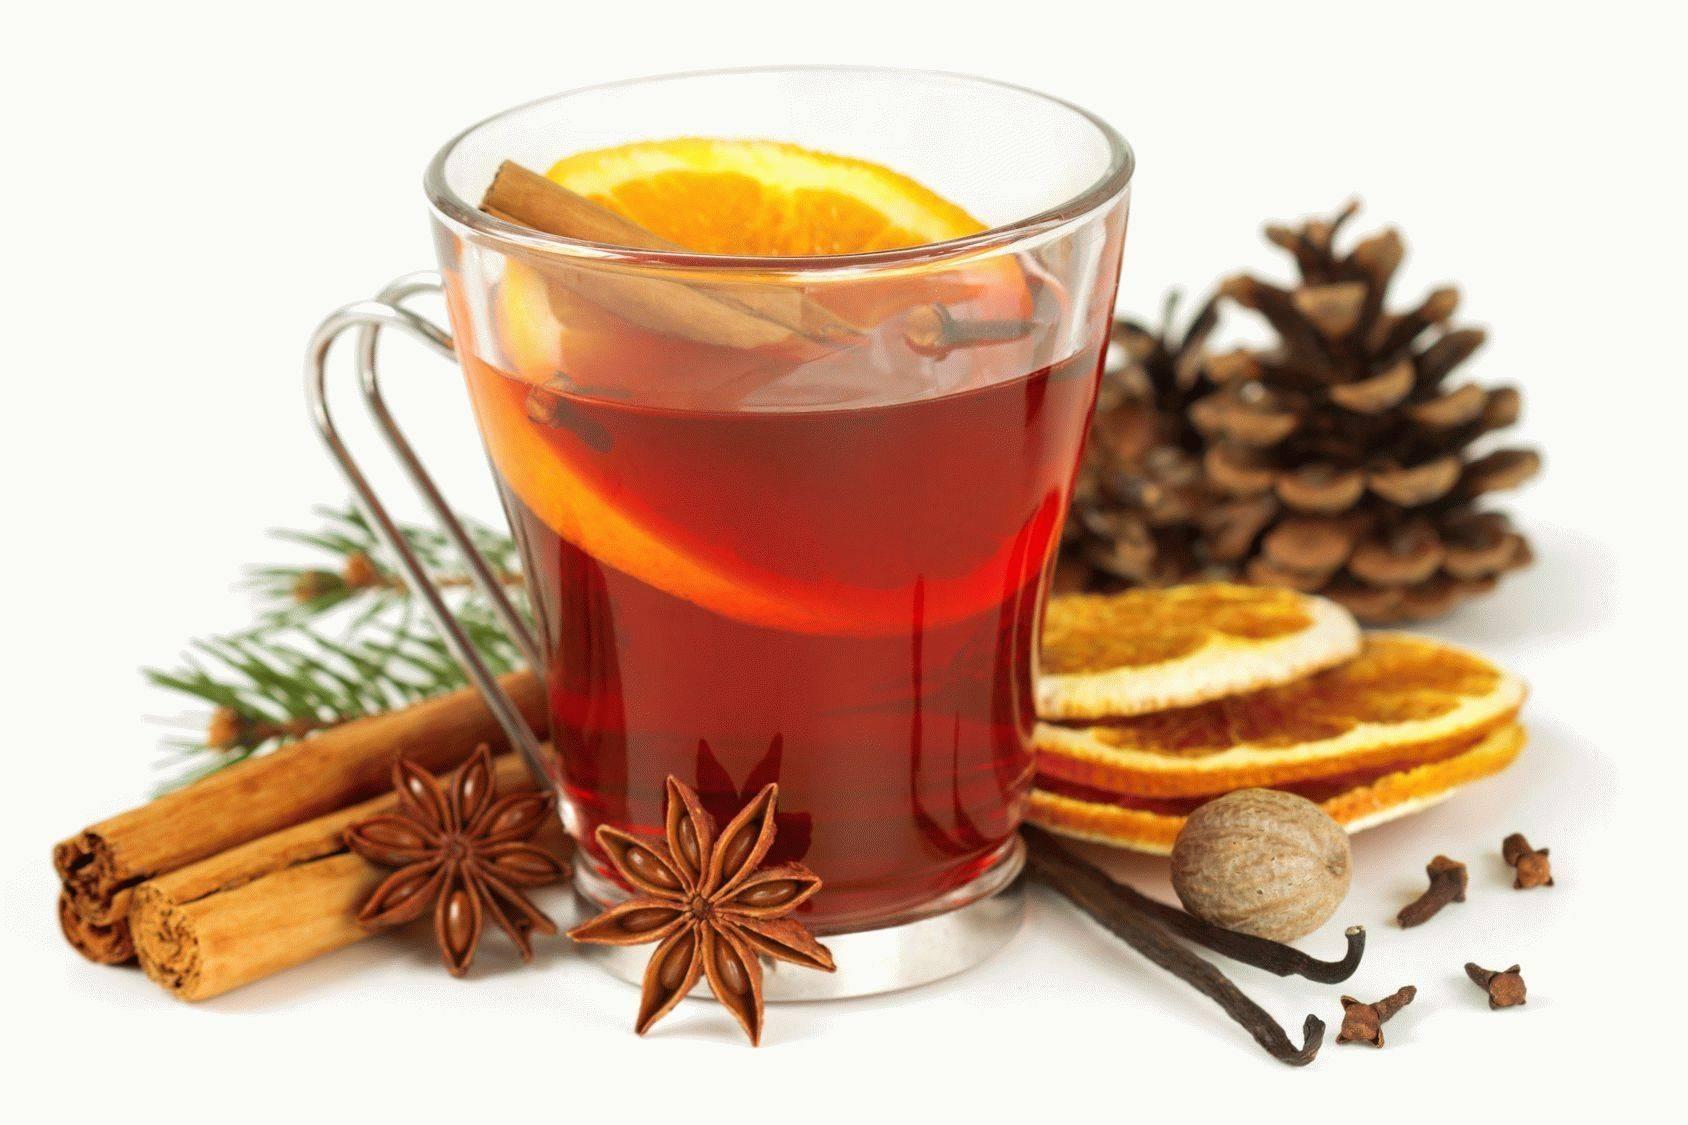 Употребление глинтвейна (горячее вино) при простуде и от кашля